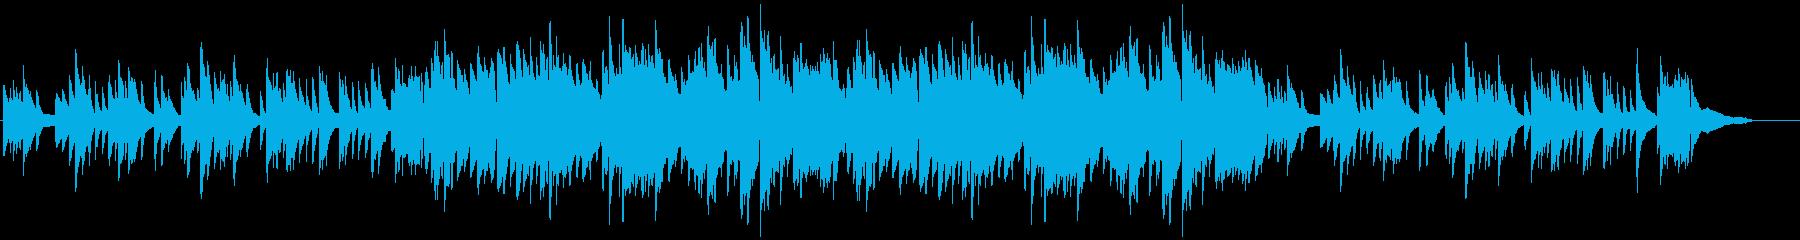 ピアノソロ・日本の春をイメージの再生済みの波形